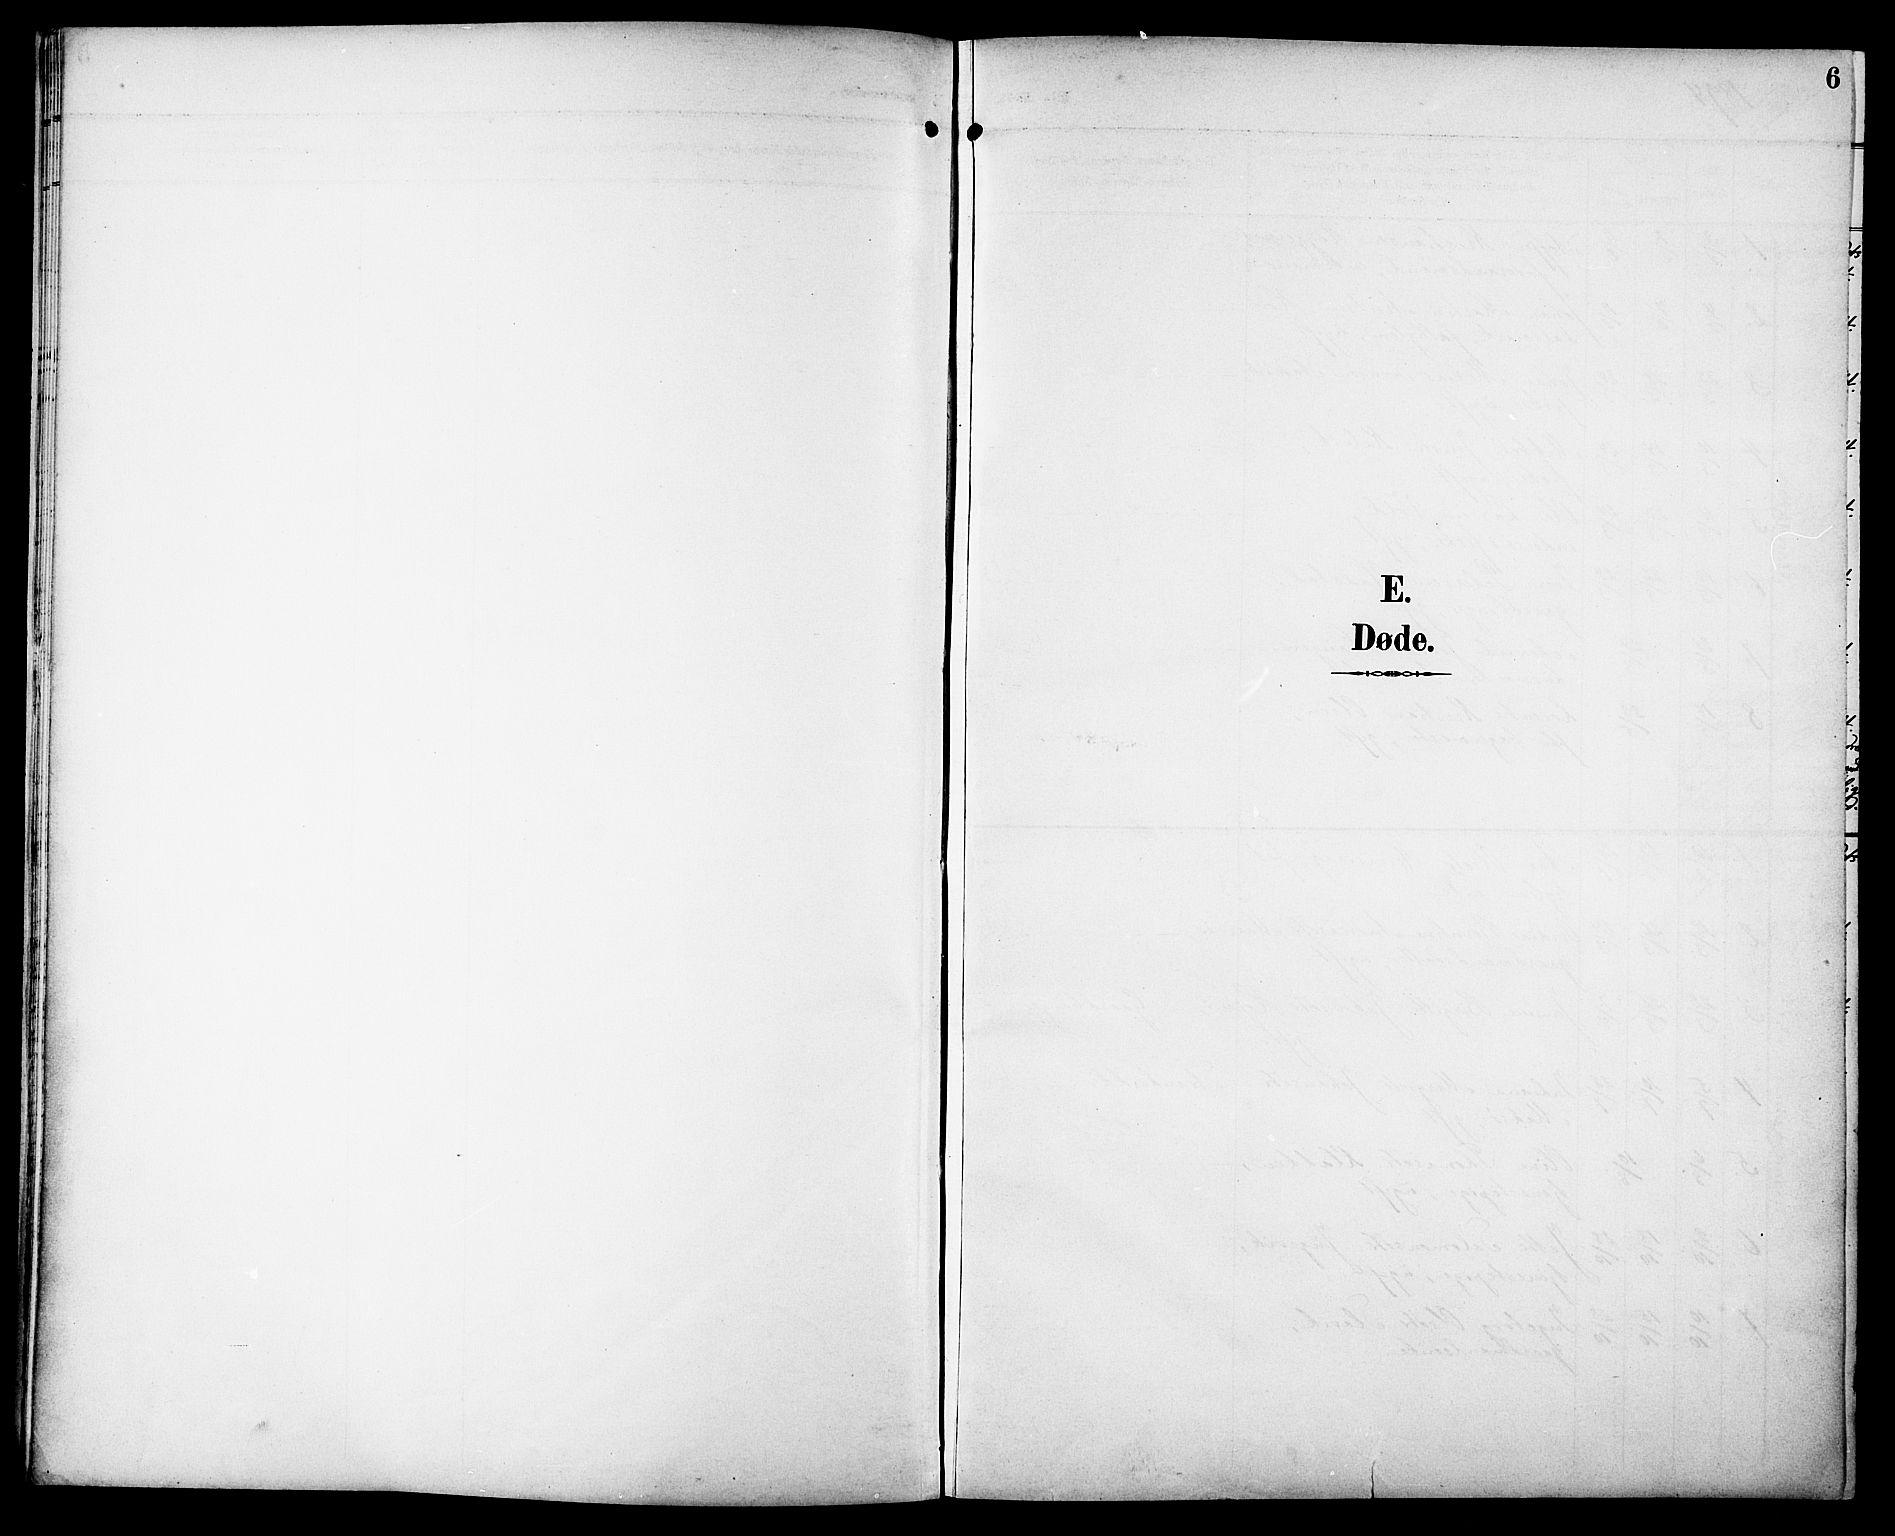 SAT, Ministerialprotokoller, klokkerbøker og fødselsregistre - Sør-Trøndelag, 629/L0486: Ministerialbok nr. 629A02, 1894-1919, s. 6